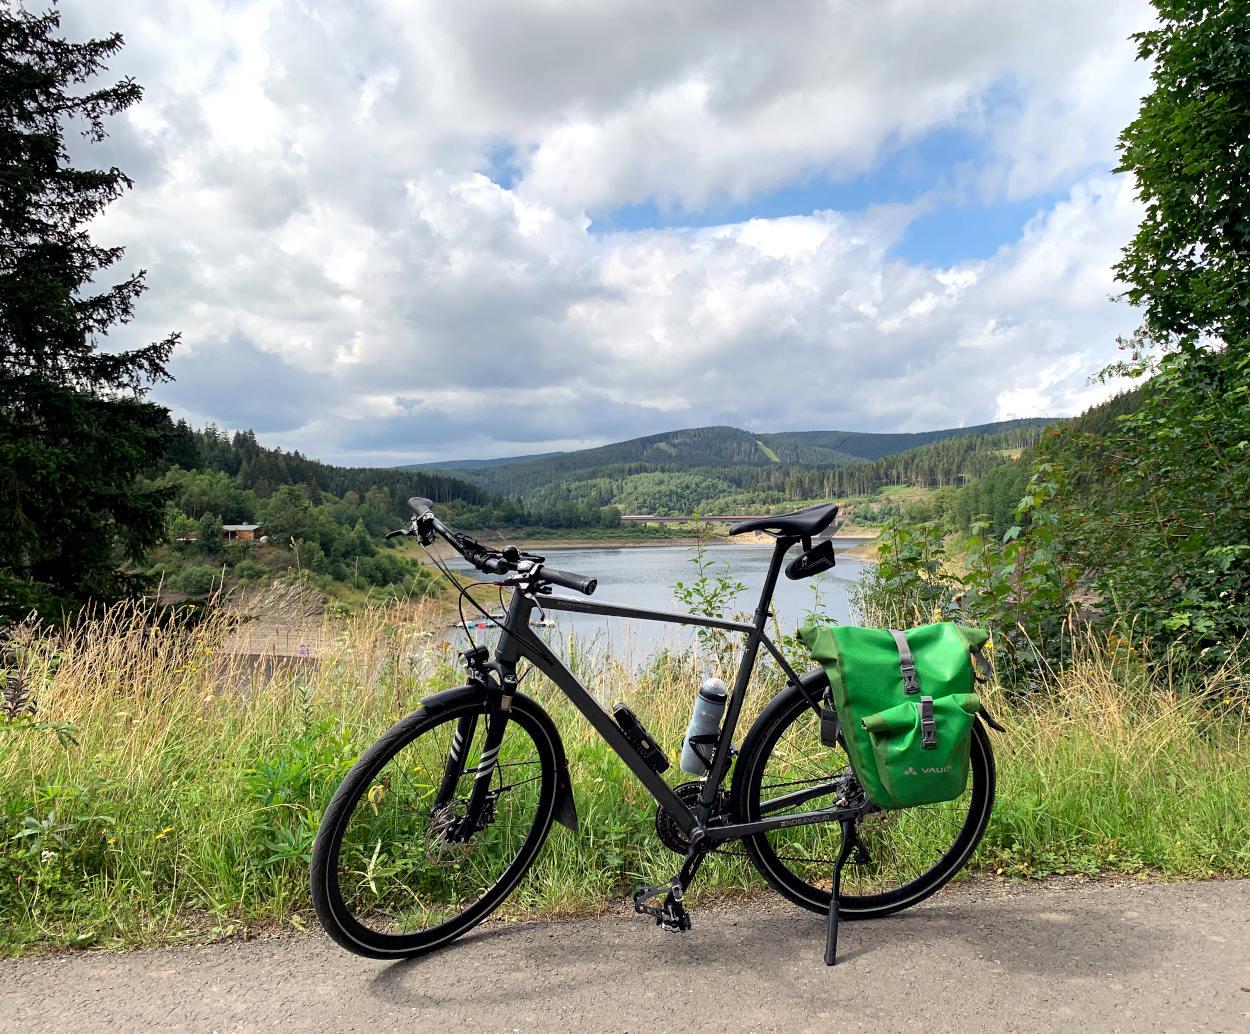 Fahrrad vor Okersee, der Sattel ist hoch eingestellt. Auf dem Gepäckträger eine Fahrradtasche.